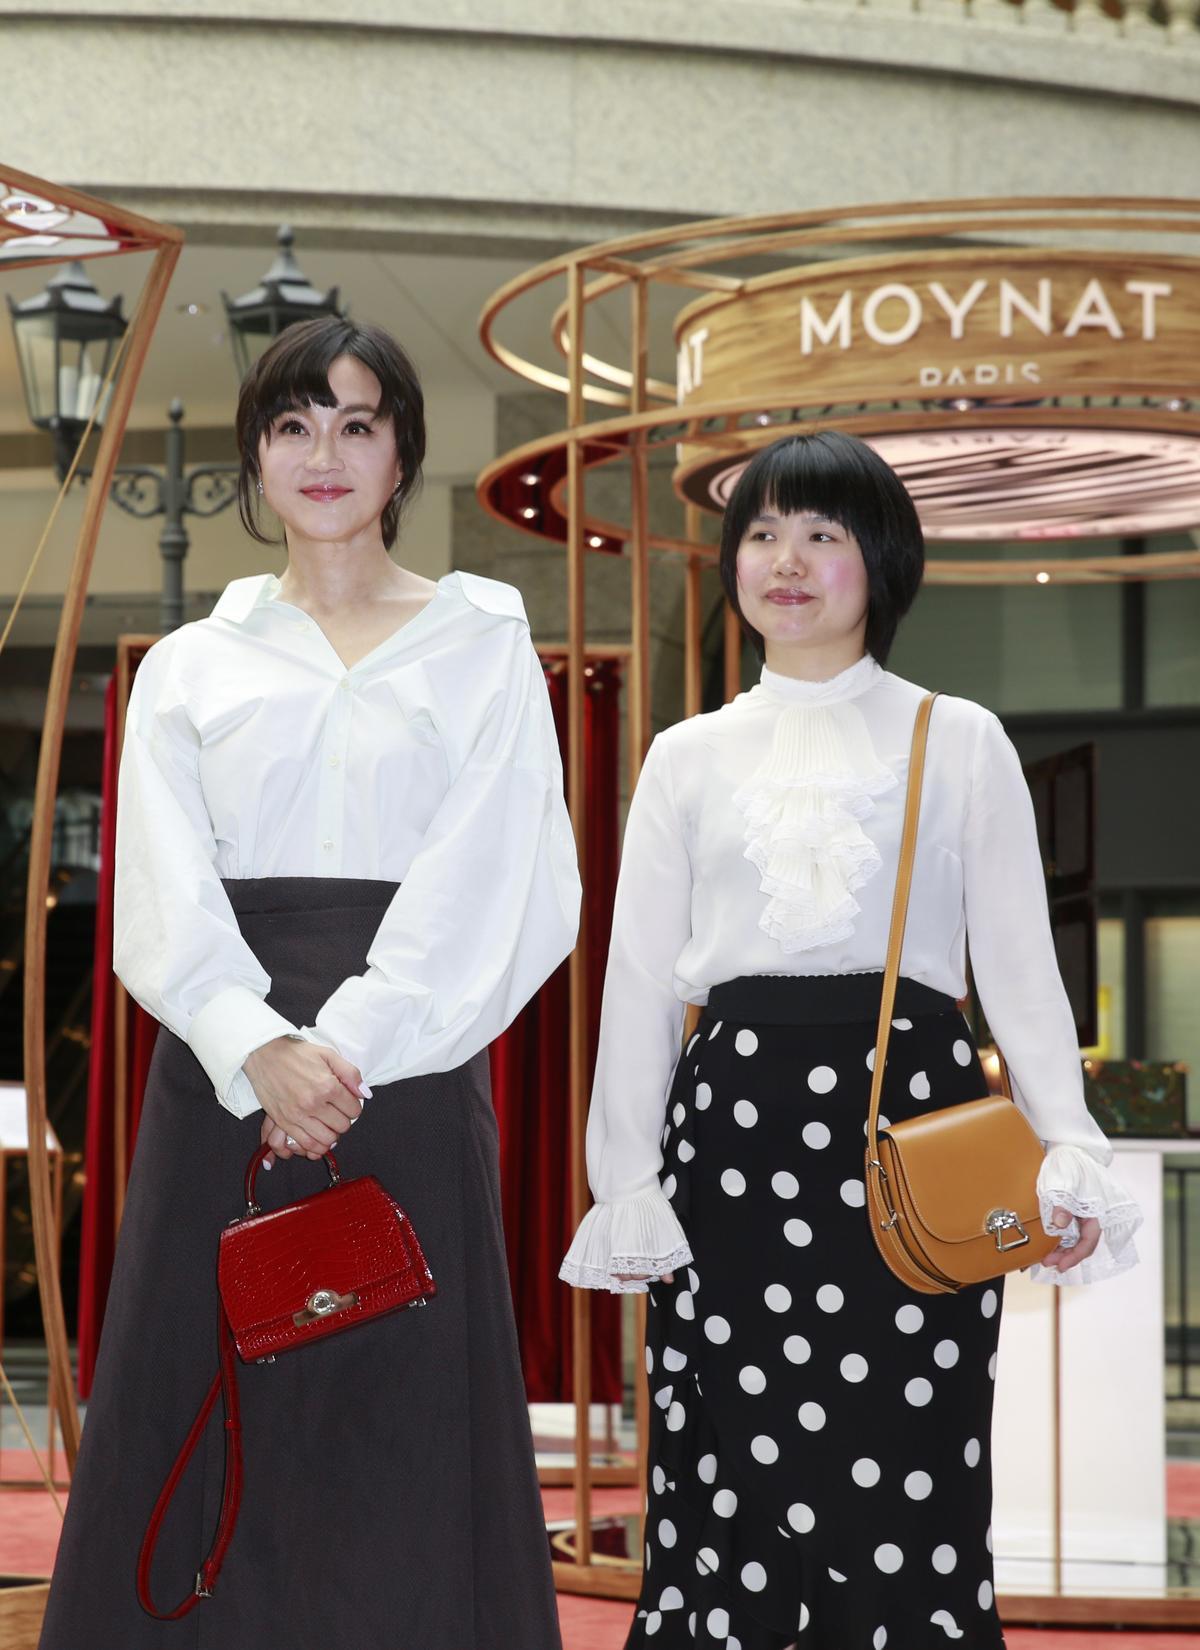 高怡平熱愛時尚,透露自己所有包款收藏都會留給未來媳婦。